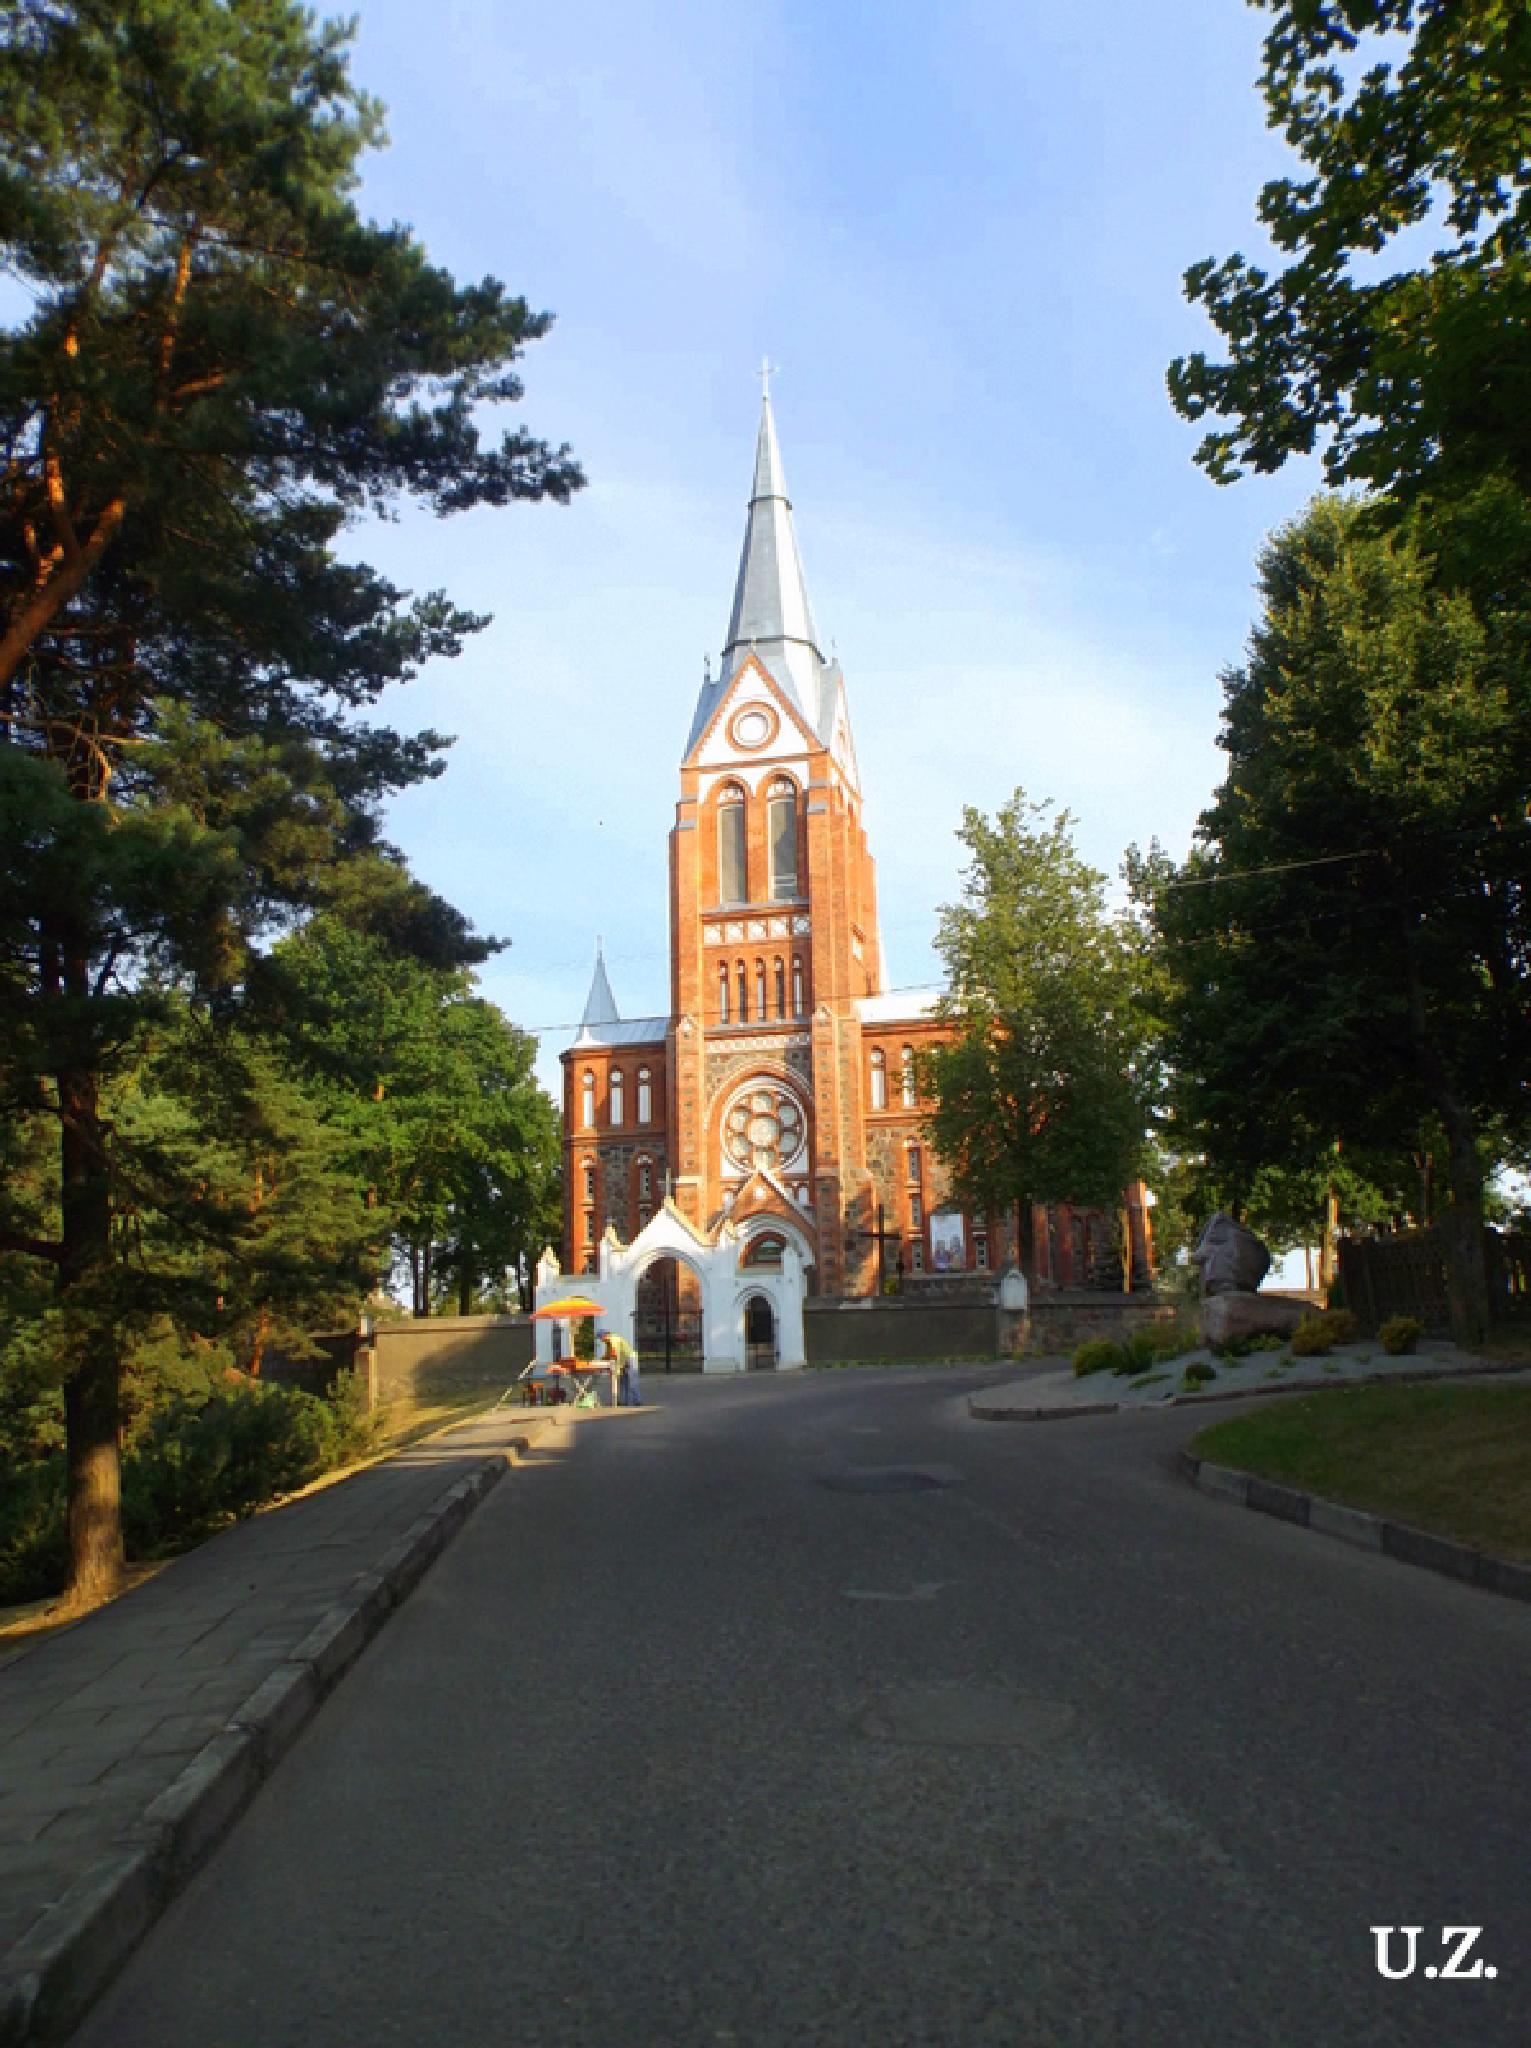 Church. by Zita Užkuraitienė